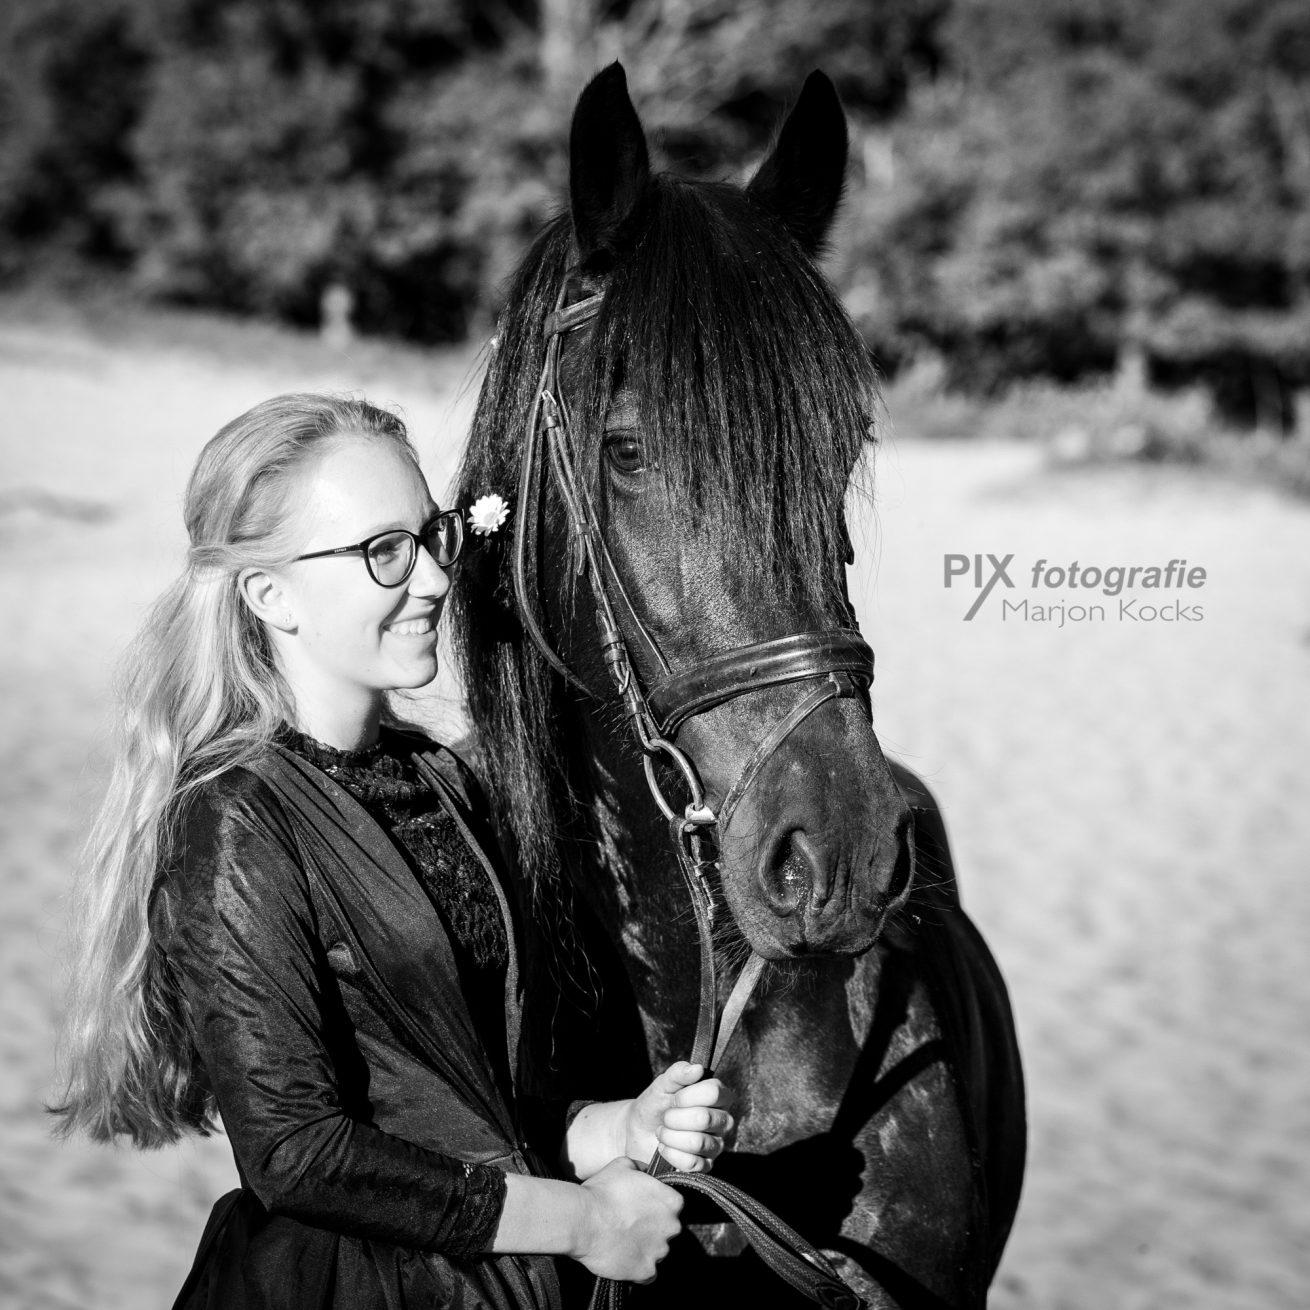 PIXfotografie_Paardenshoot_Jade-244